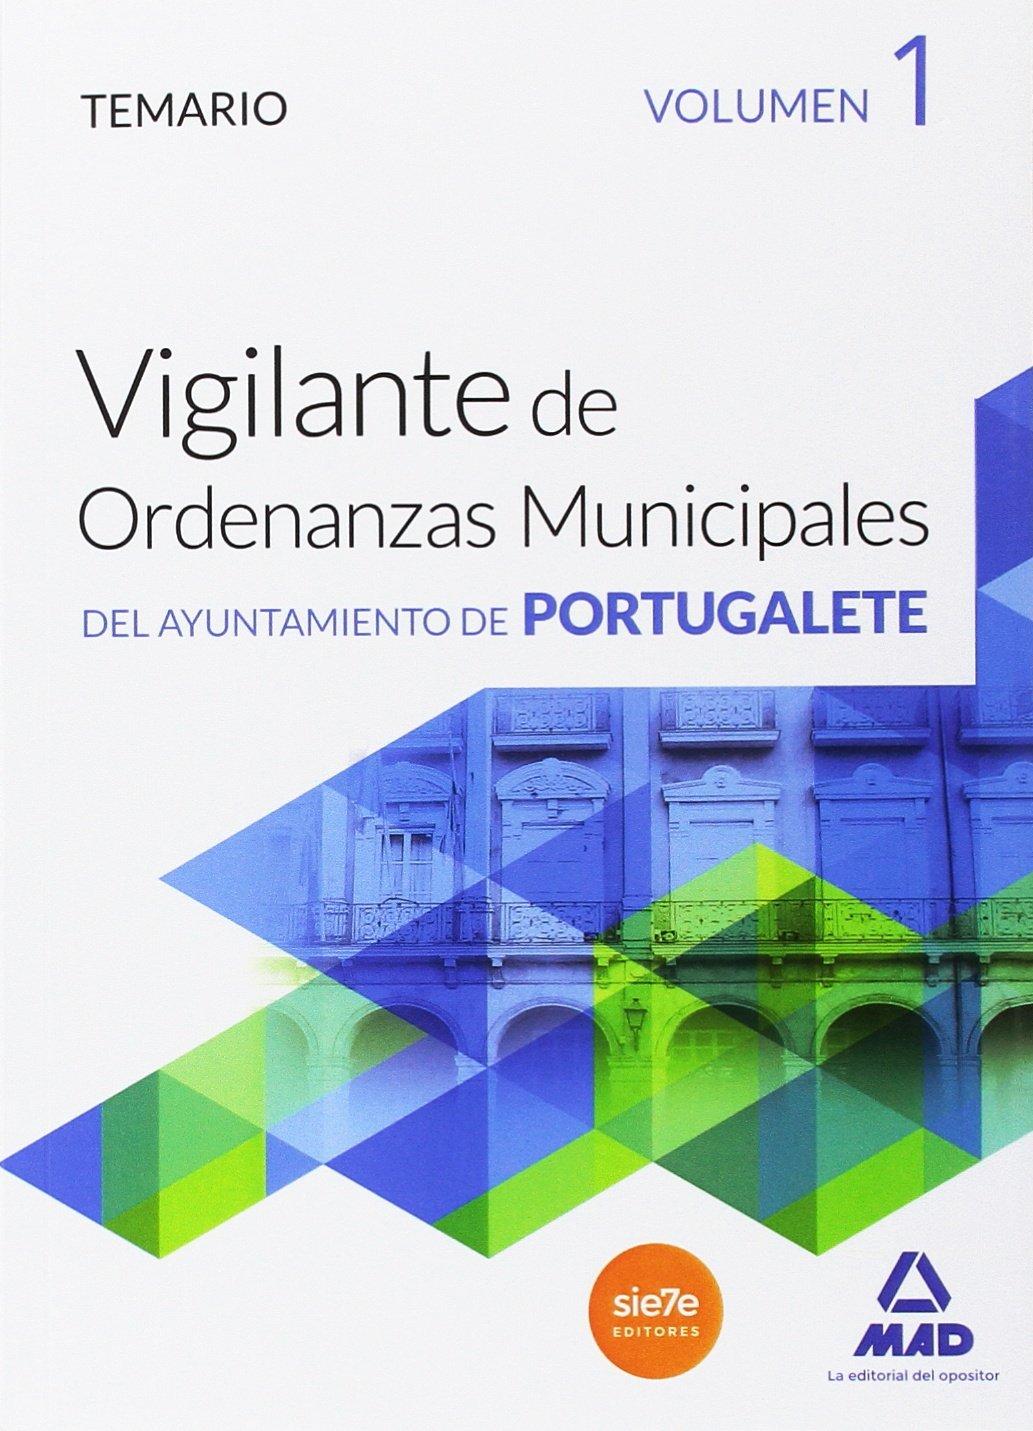 Vigilantes de ordenanzas municipales del Ayuntamiento de Portugalete. Temario, Volumen 1 ebook